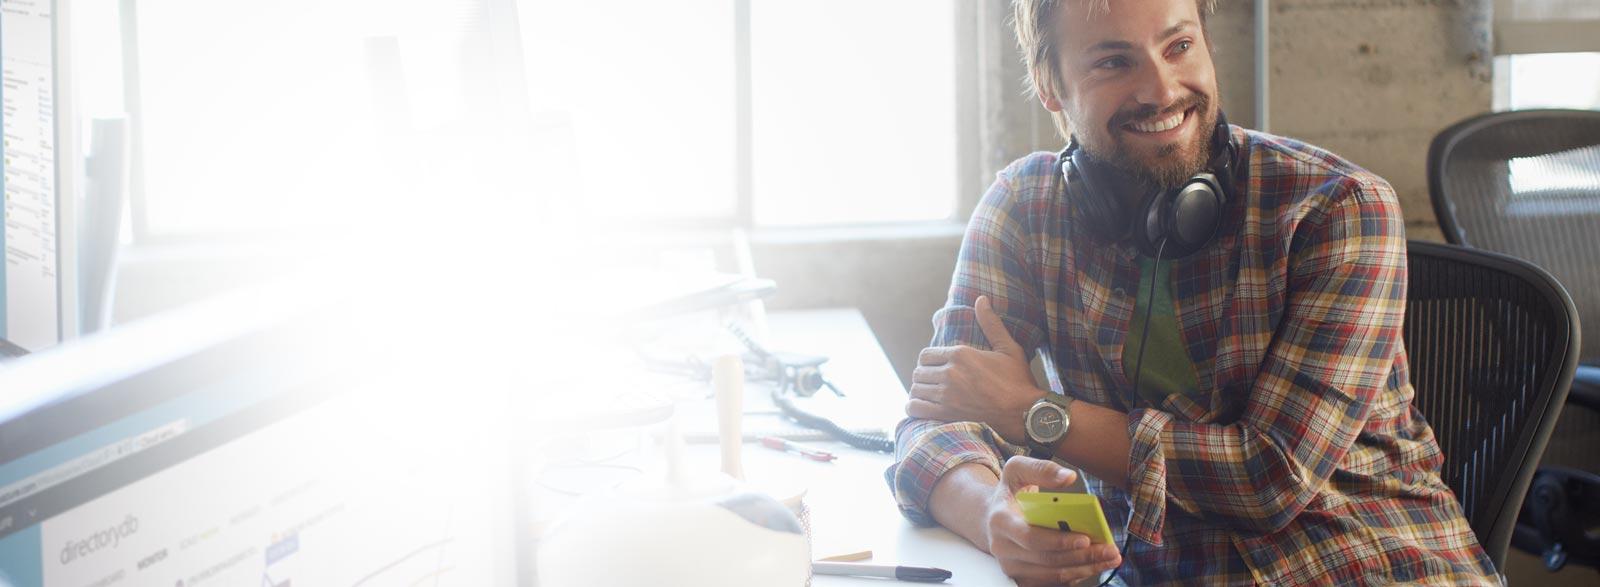 Ota käyttöön uusimmat Office 365 Enterprise E1:n tuottavuus- ja yhteiskäyttöpalvelut.